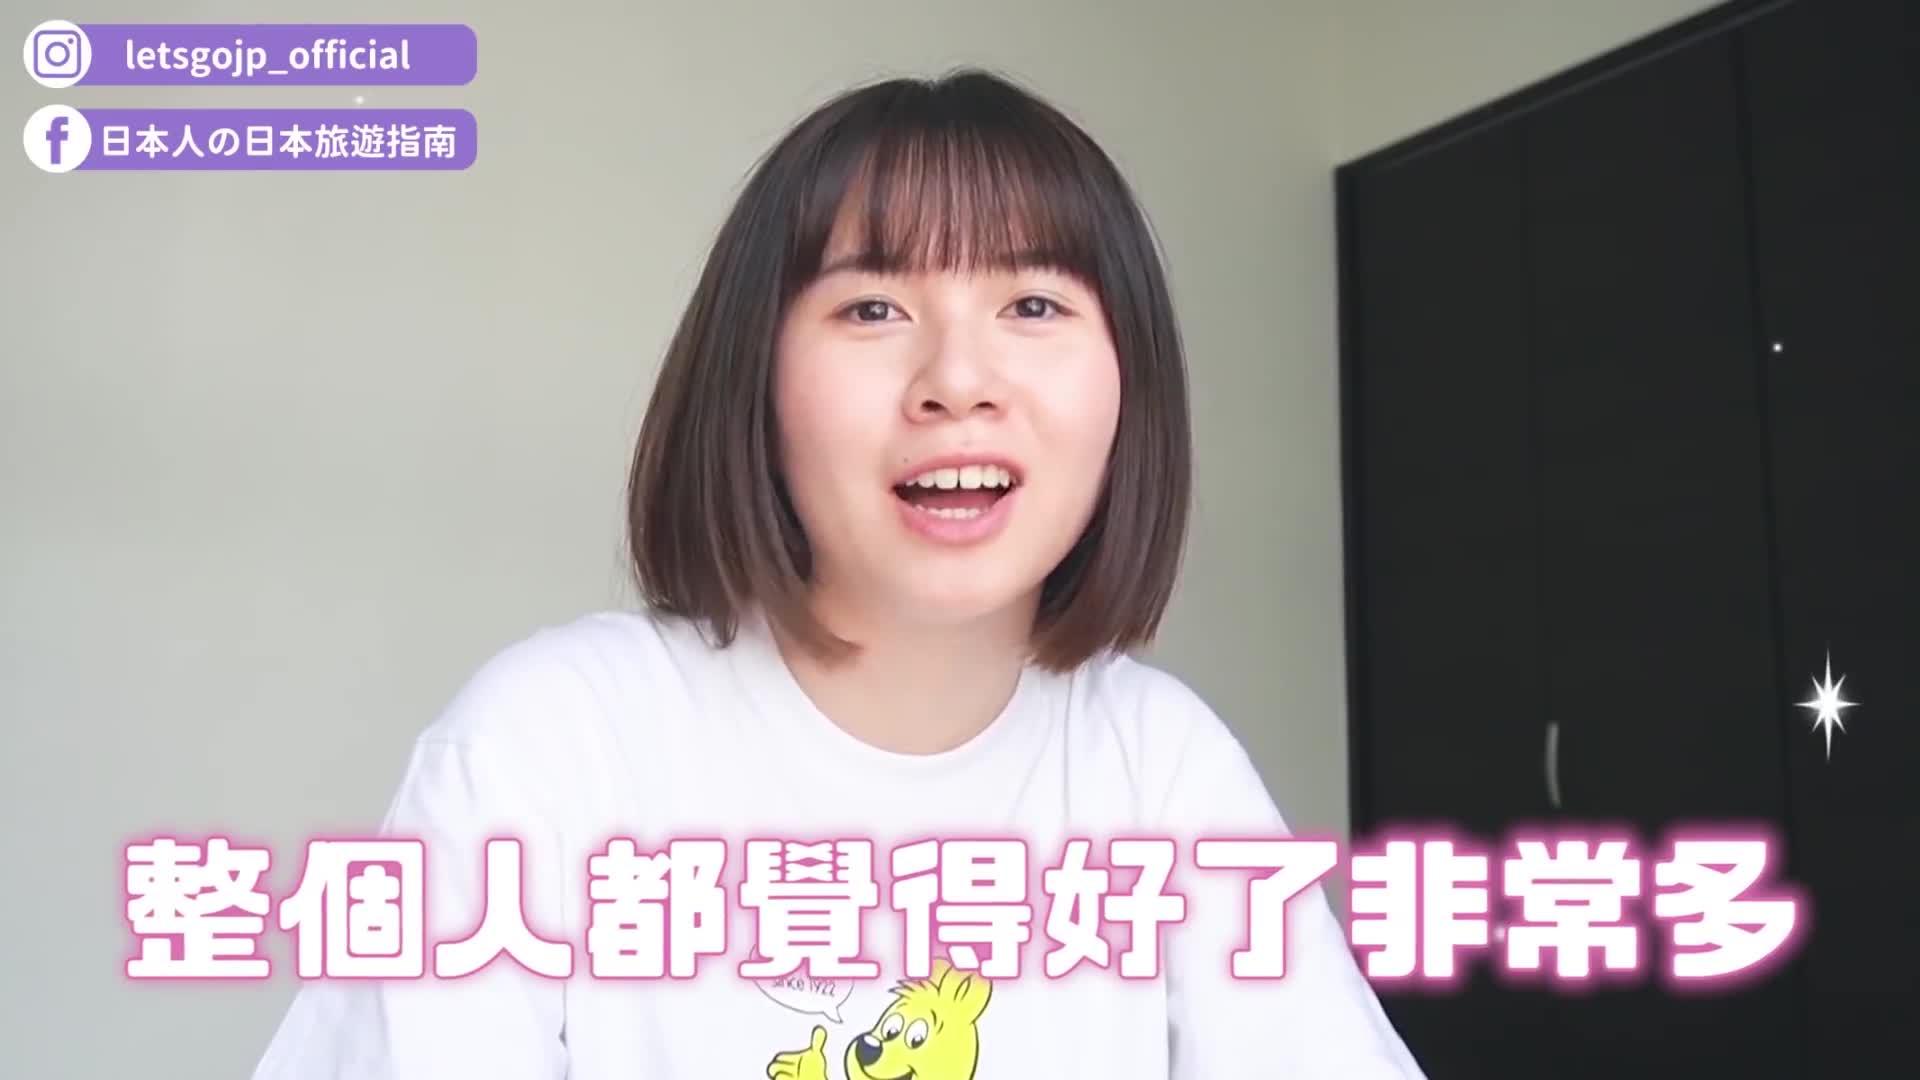 莫德納副作用痛到像被車撞!第二劑太可怕了台灣女生日本打疫苗心得